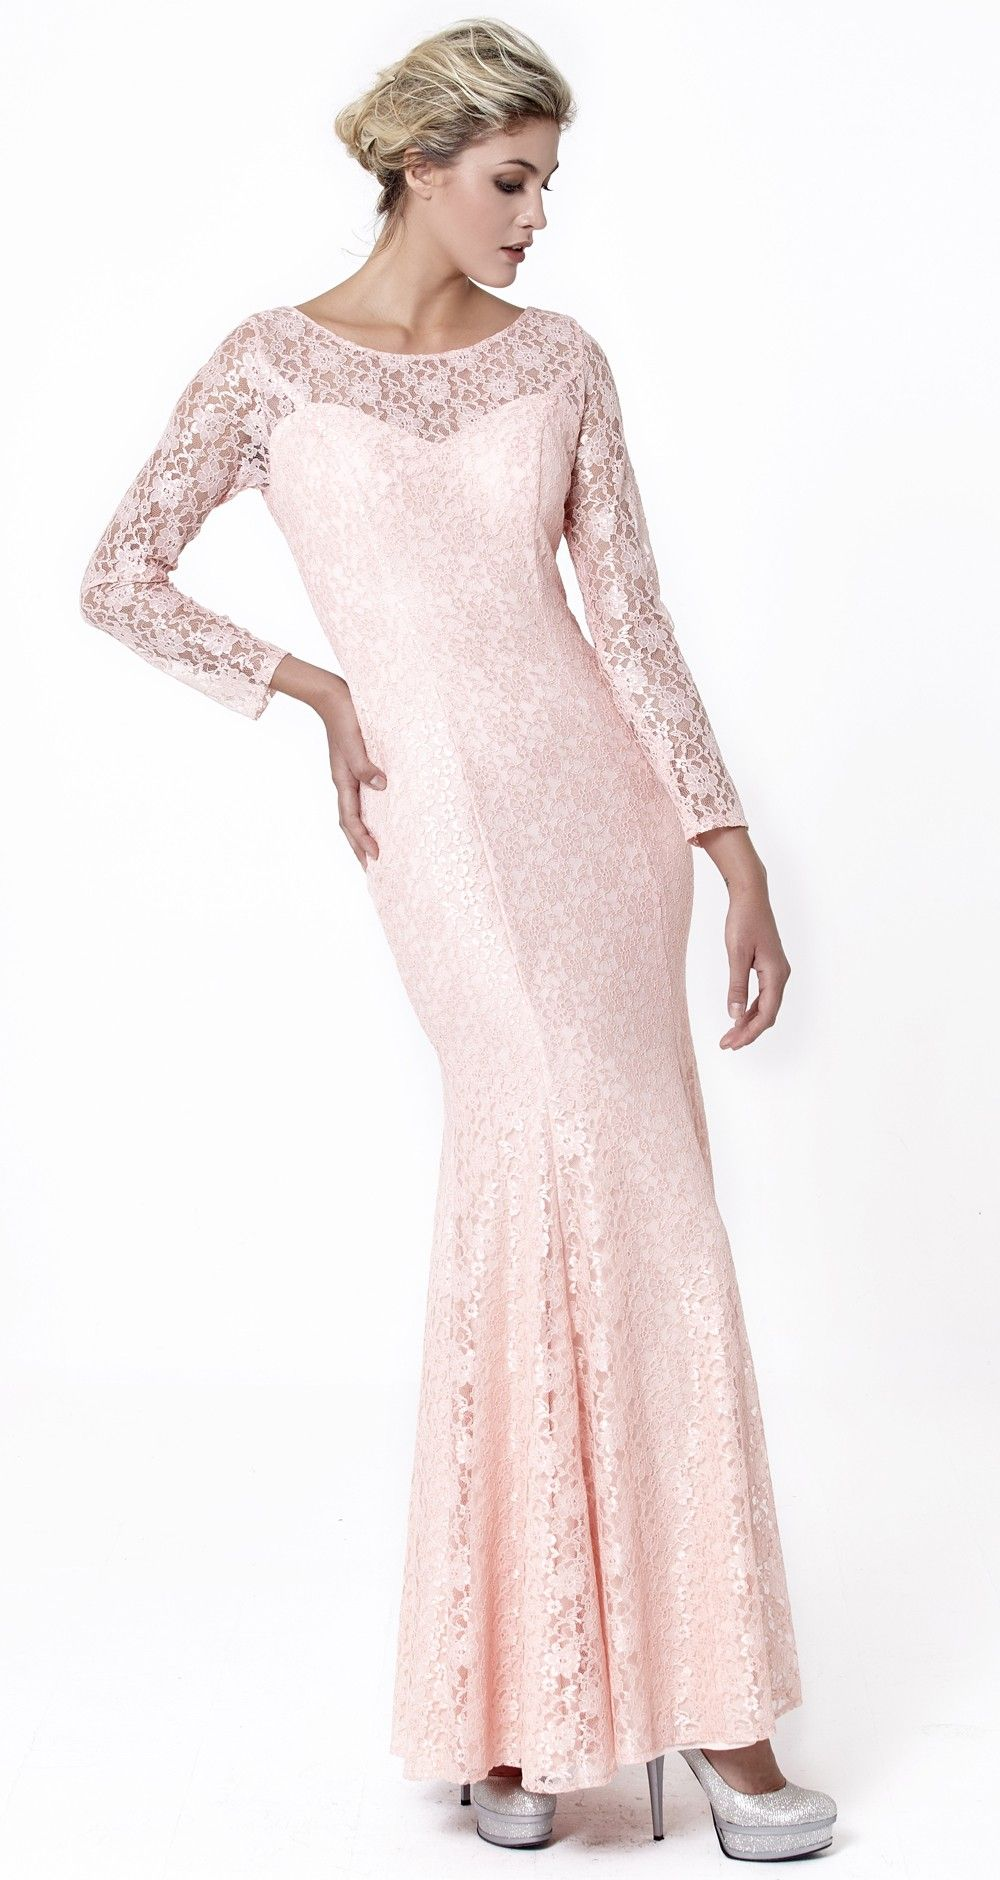 Pudra Renk Uzun Kollu Transparan Dantelli Uzun Balik Abiye Elbise Elbise Uzun Kollu Renkler